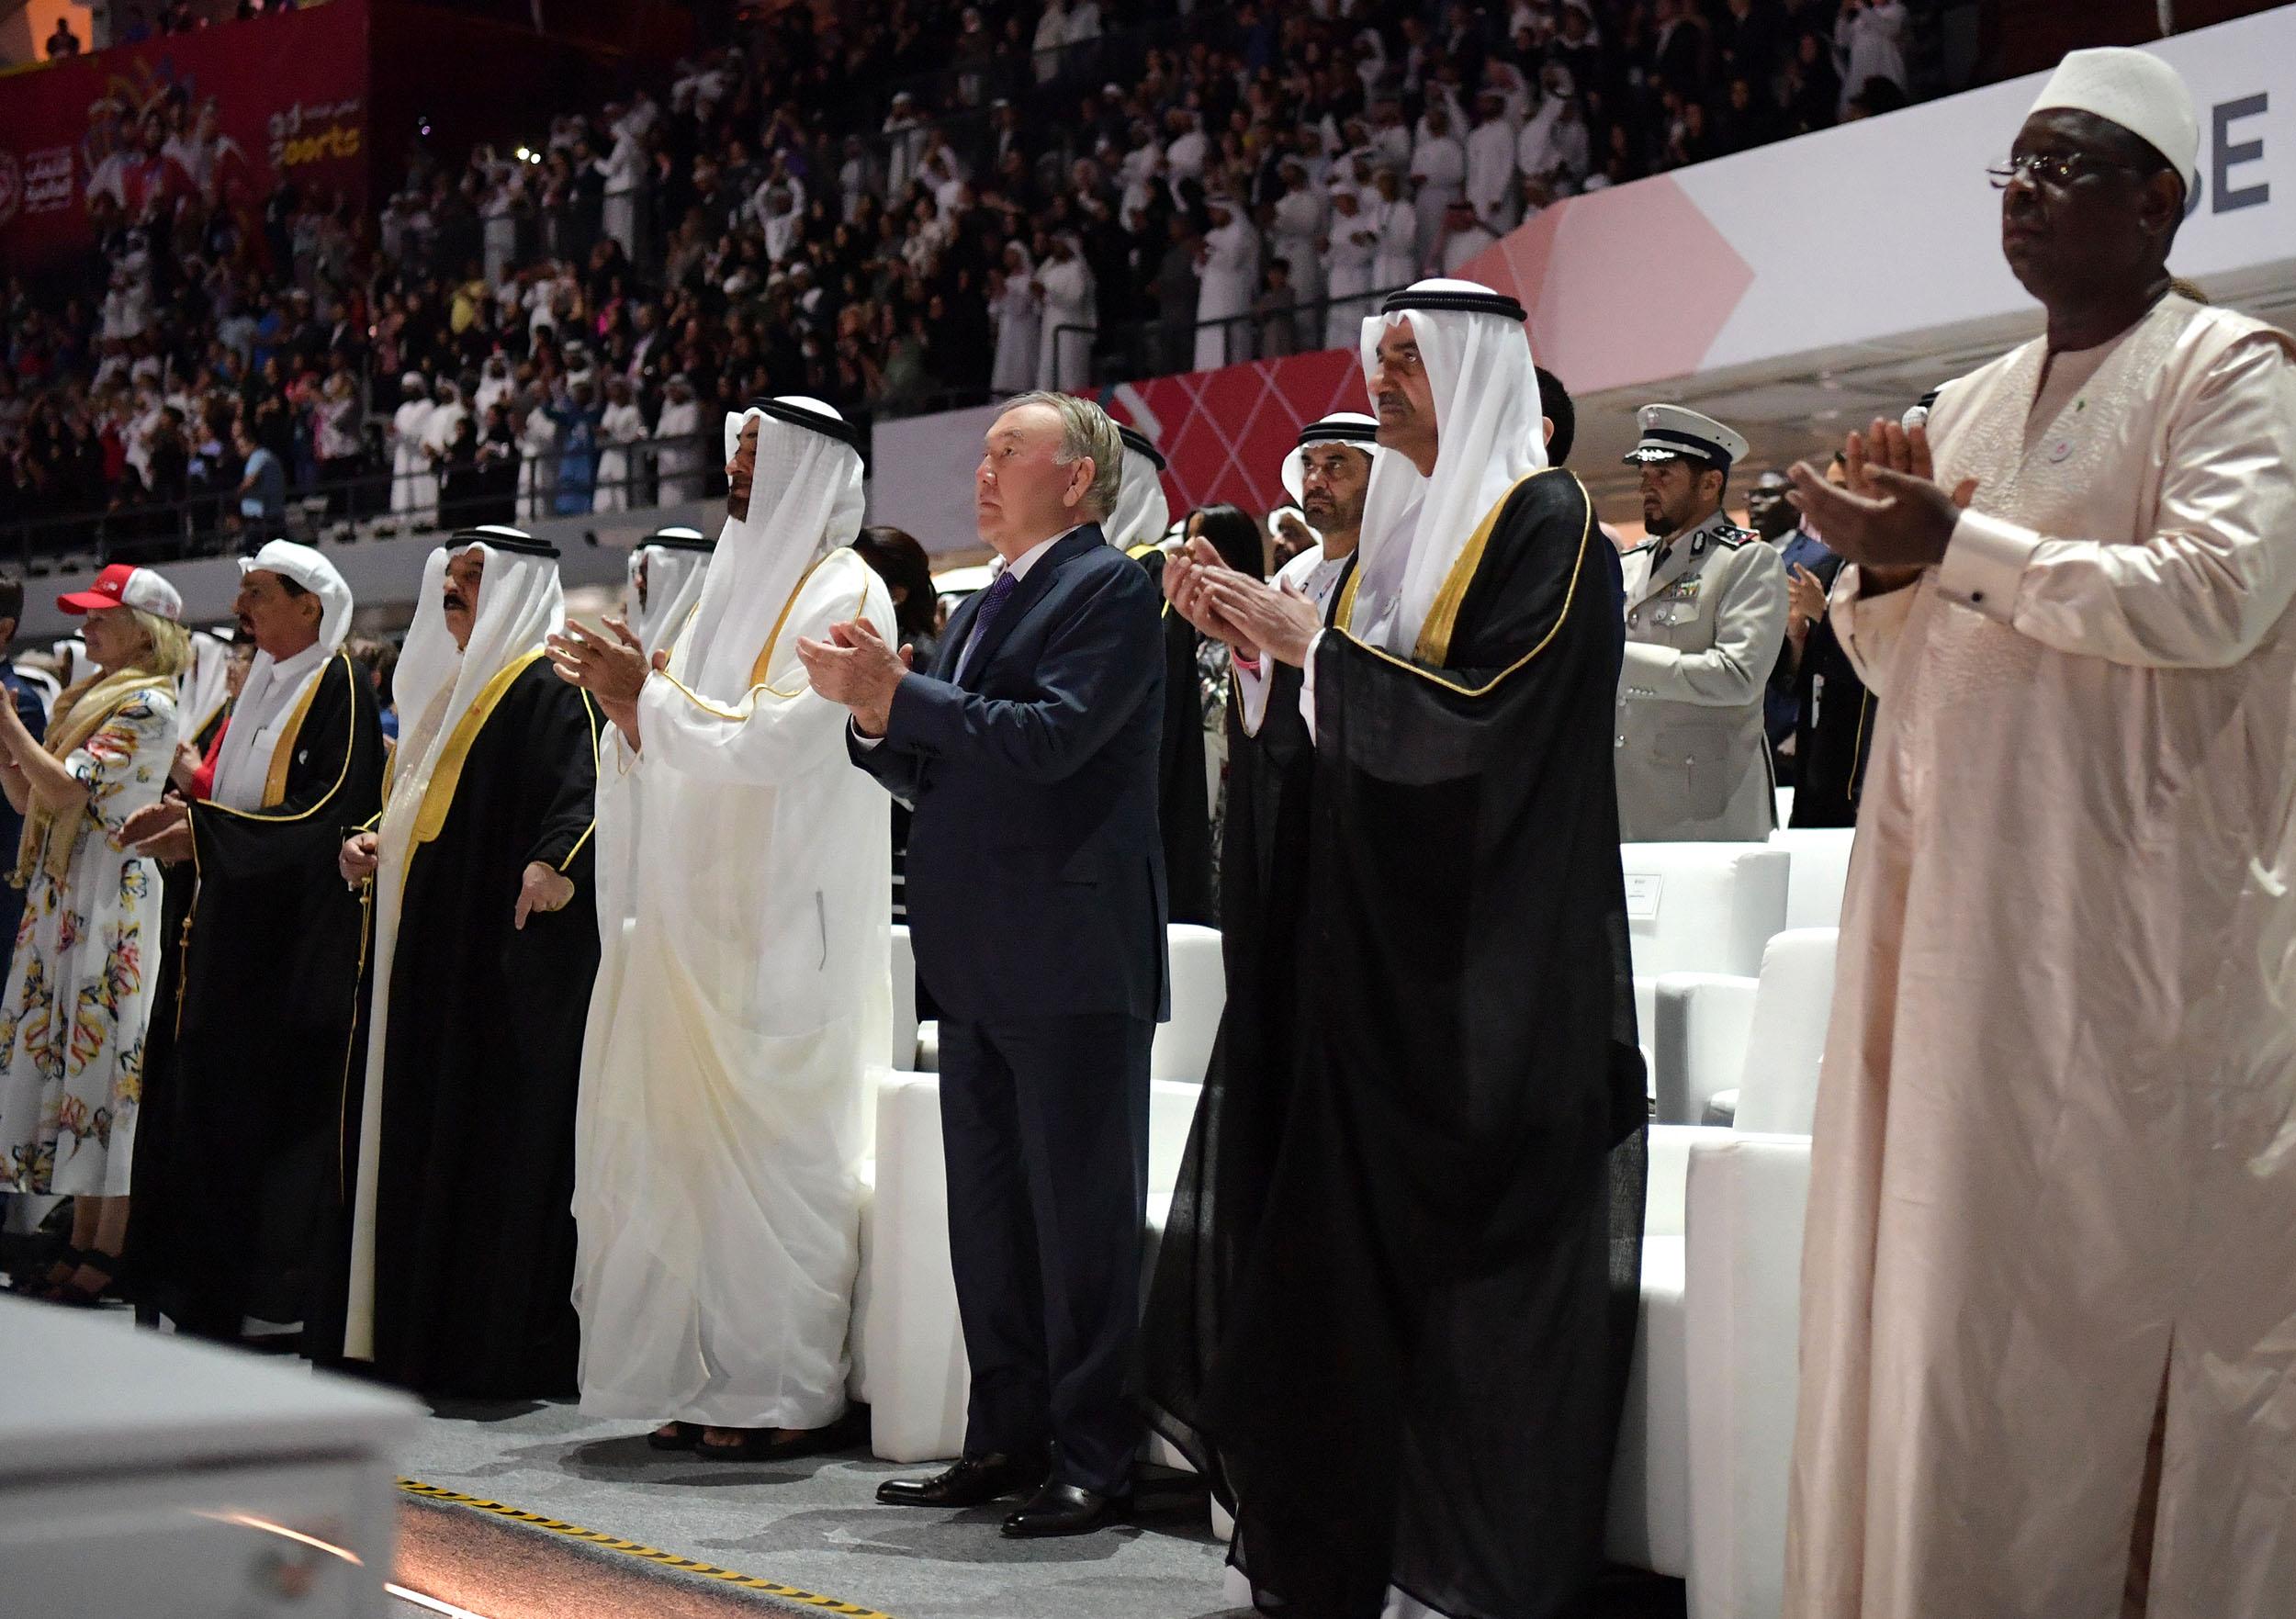 Президент Казахстана принял участие в церемонии открытия Всемирных специальных Олимпийских игр в ОАЭ